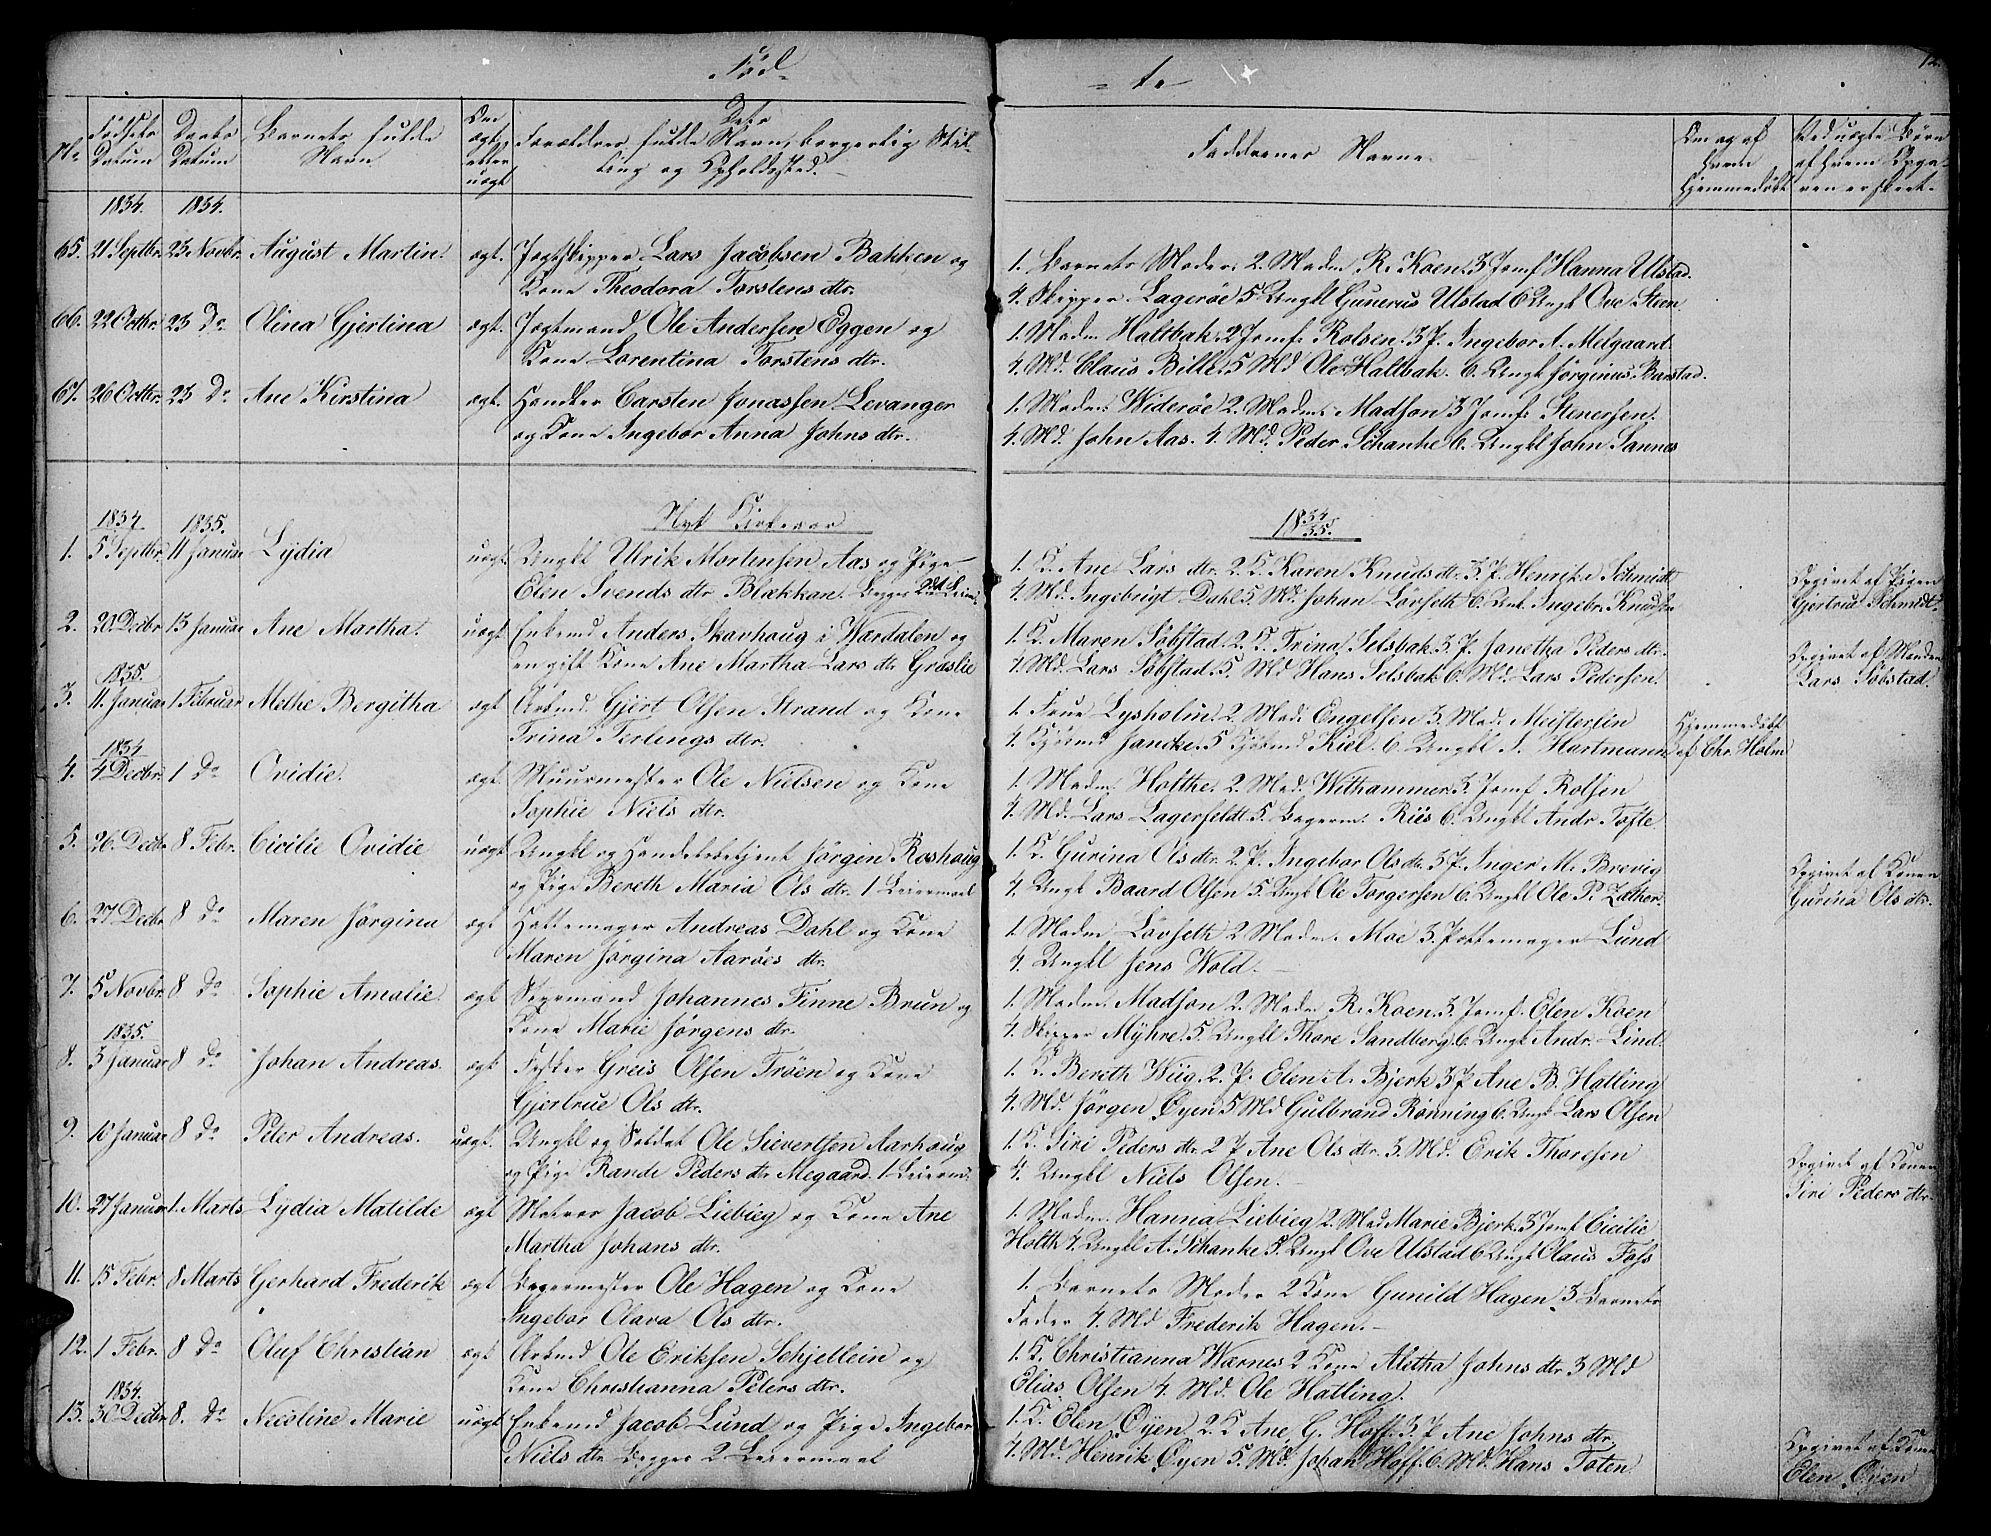 SAT, Ministerialprotokoller, klokkerbøker og fødselsregistre - Sør-Trøndelag, 604/L0182: Ministerialbok nr. 604A03, 1818-1850, s. 12